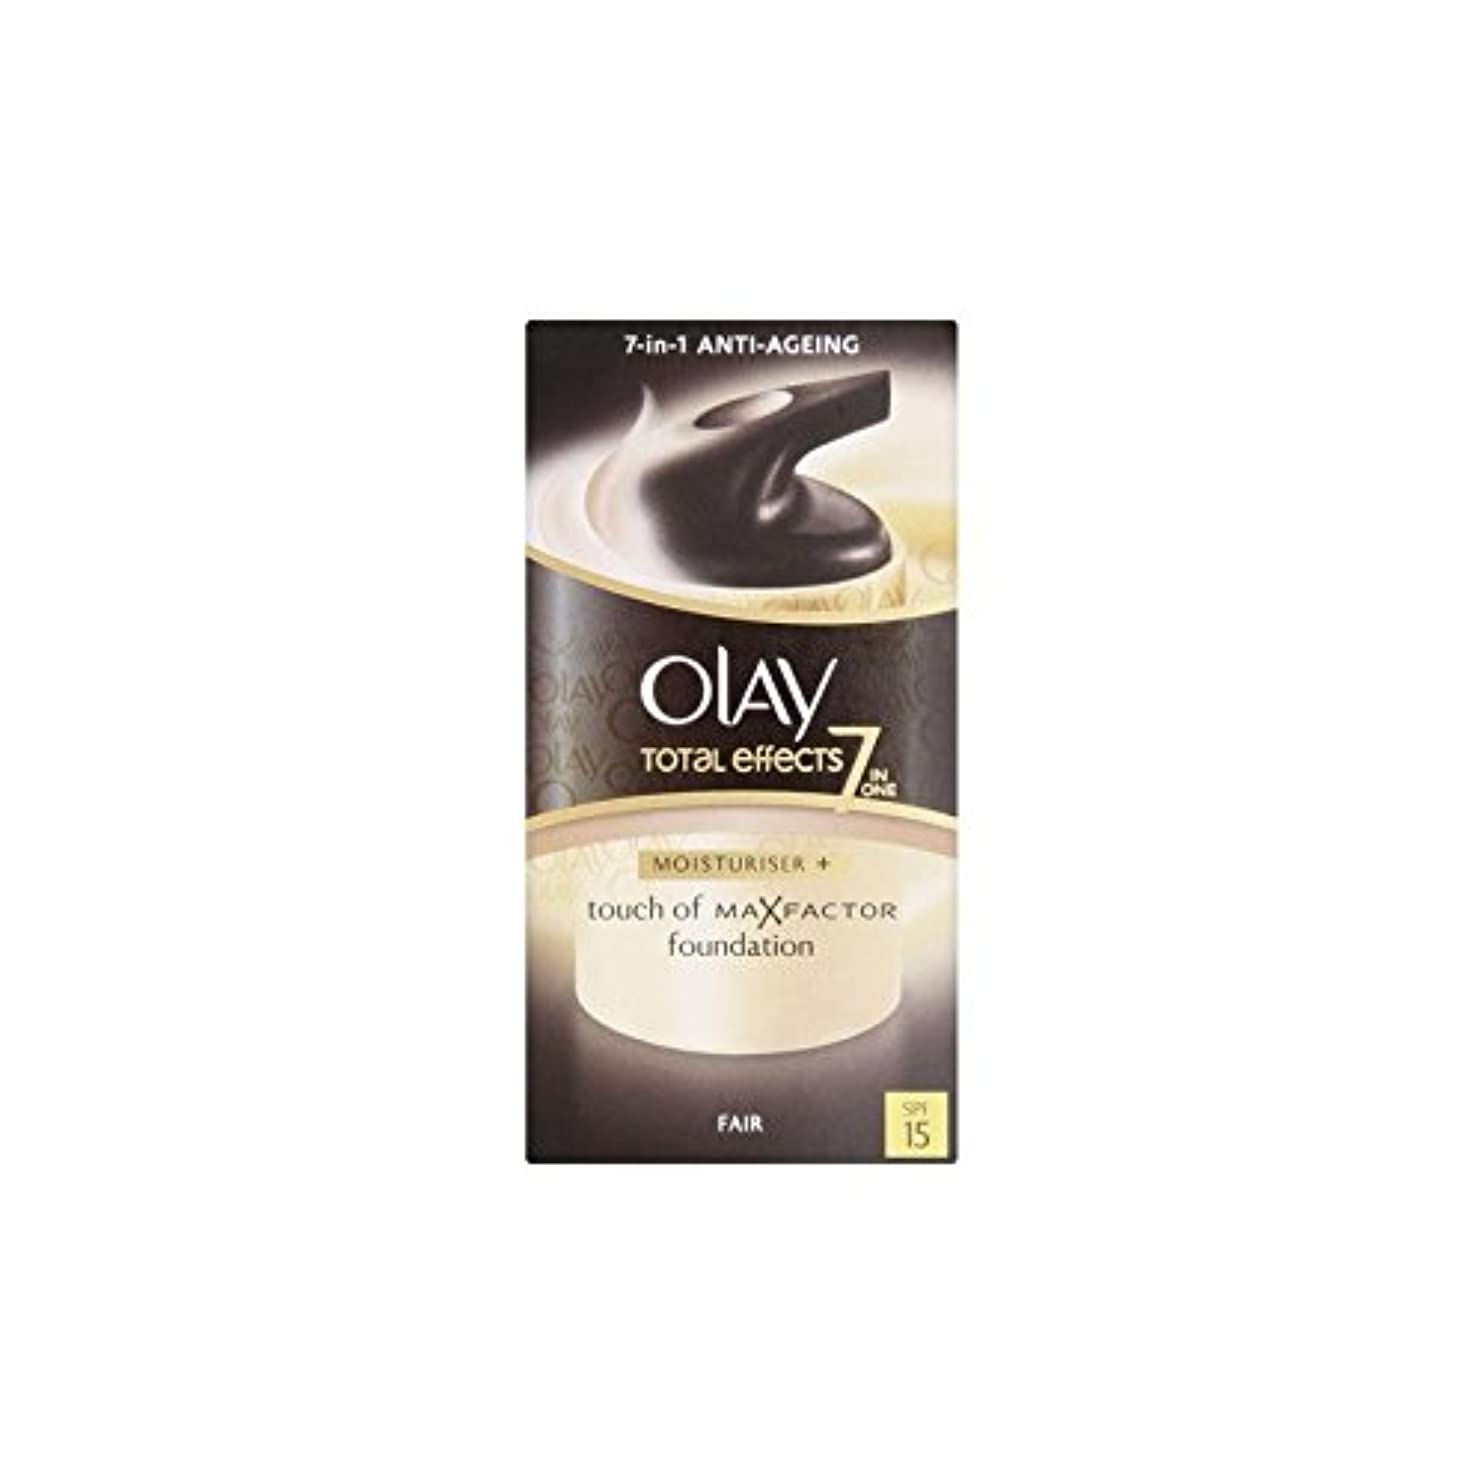 大惨事かび臭い保安オーレイトータルエフェクト保湿クリーム15 - フェア(50ミリリットル) x2 - Olay Total Effects Moisturiser Bb Cream Spf15 - Fair (50ml) (Pack of...